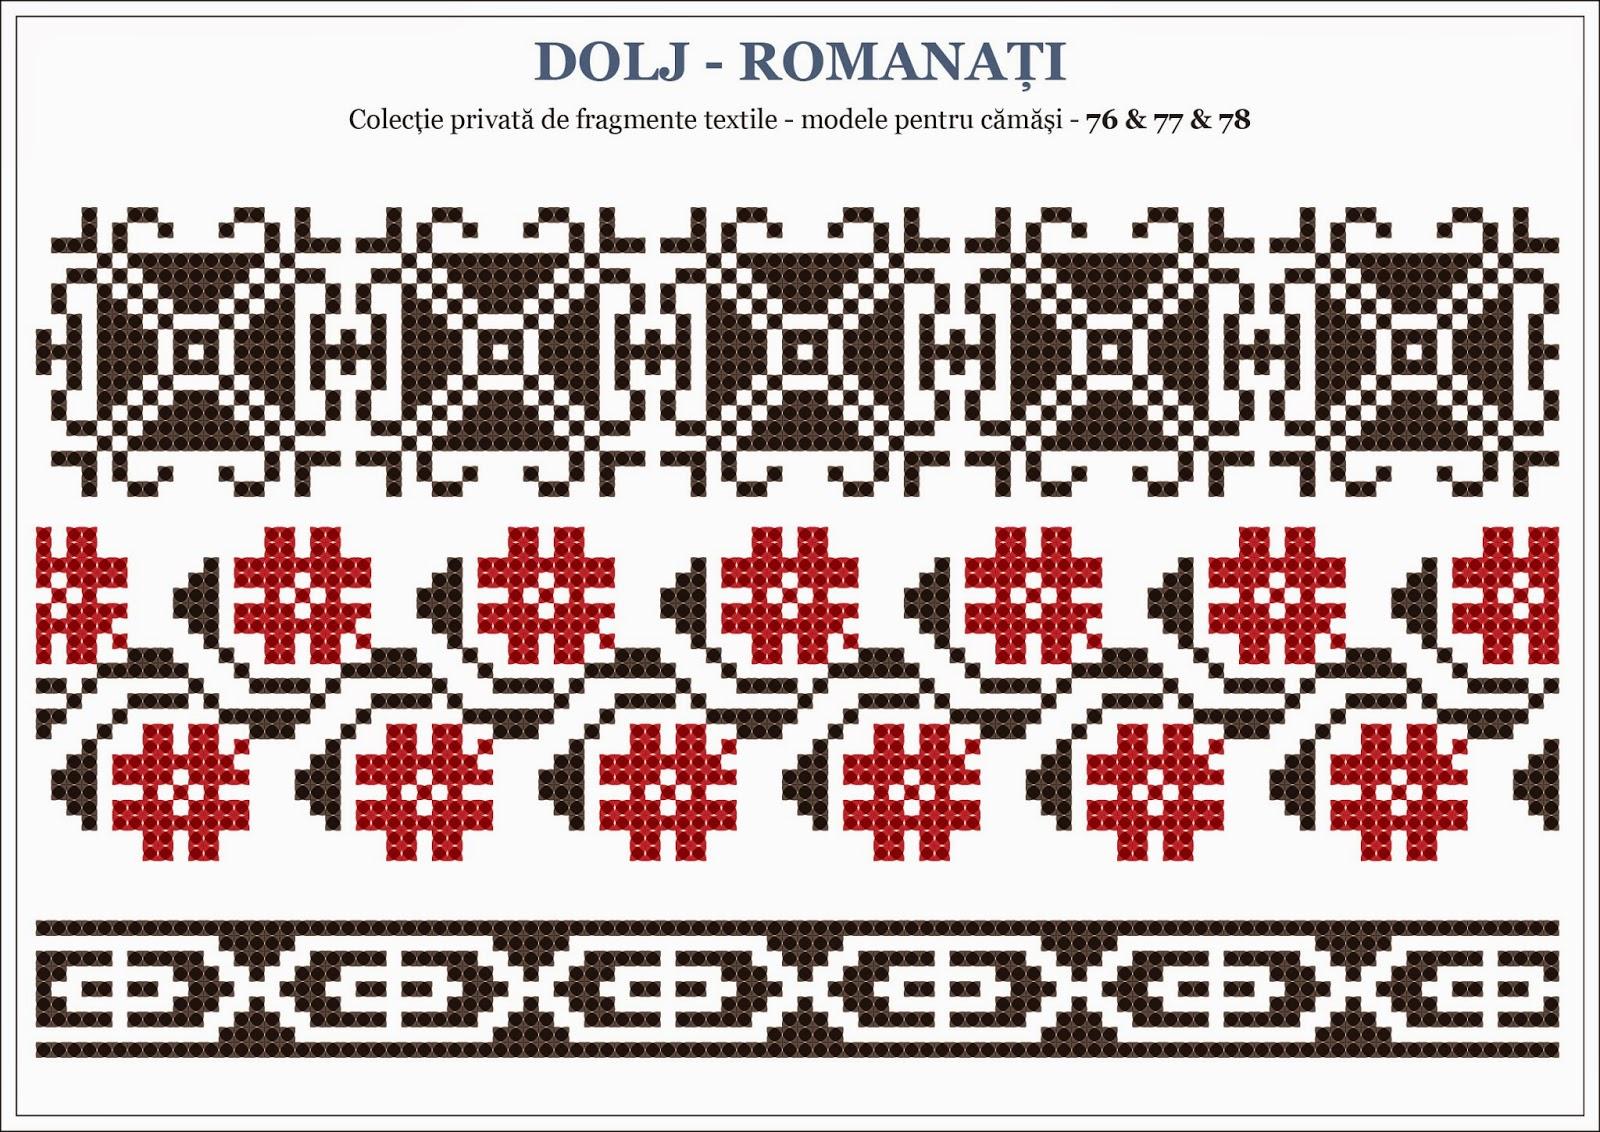 Semne cusute octombrie 2014 - Beautiful romanian folk motifs ...